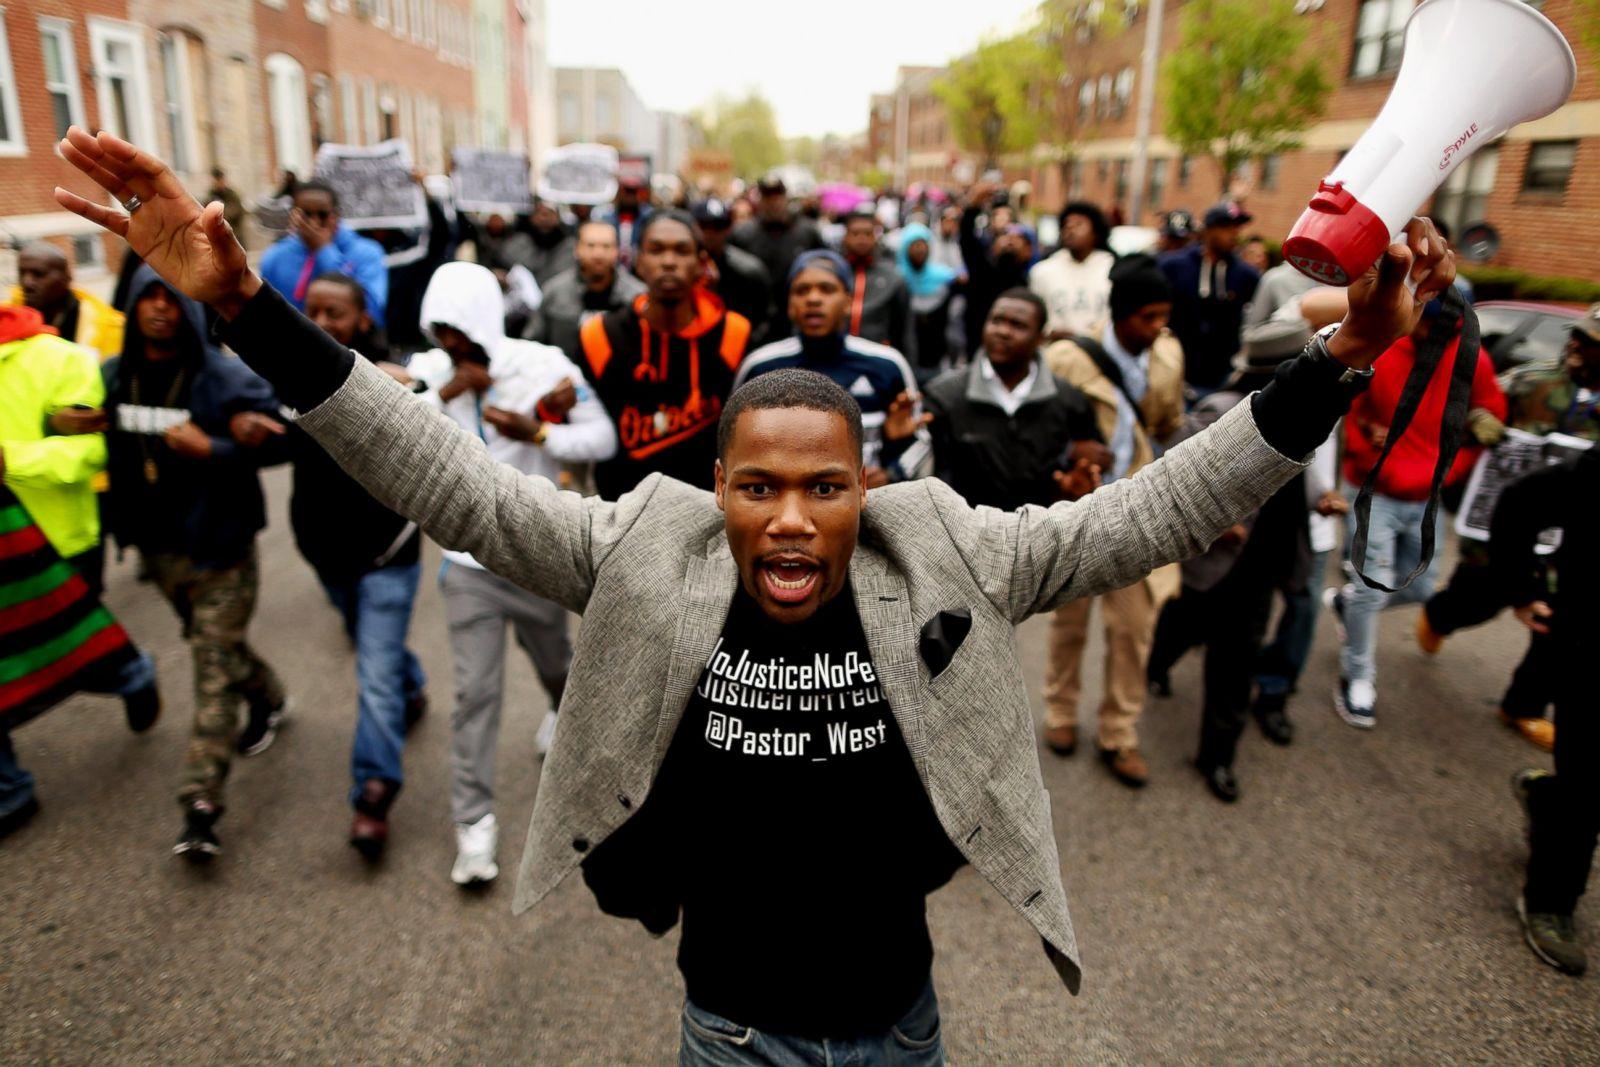 Cientos de manifestantes marchan hacia la estación del Distrito Occidental de la Policía de Baltimore durante una protesta contra la brutalidad policial y la muerte de Gray en el barrio de Sandtown el 22 de abril de 2015, en Baltimore. Fotografía: Chip Somodevilla/Getty Images